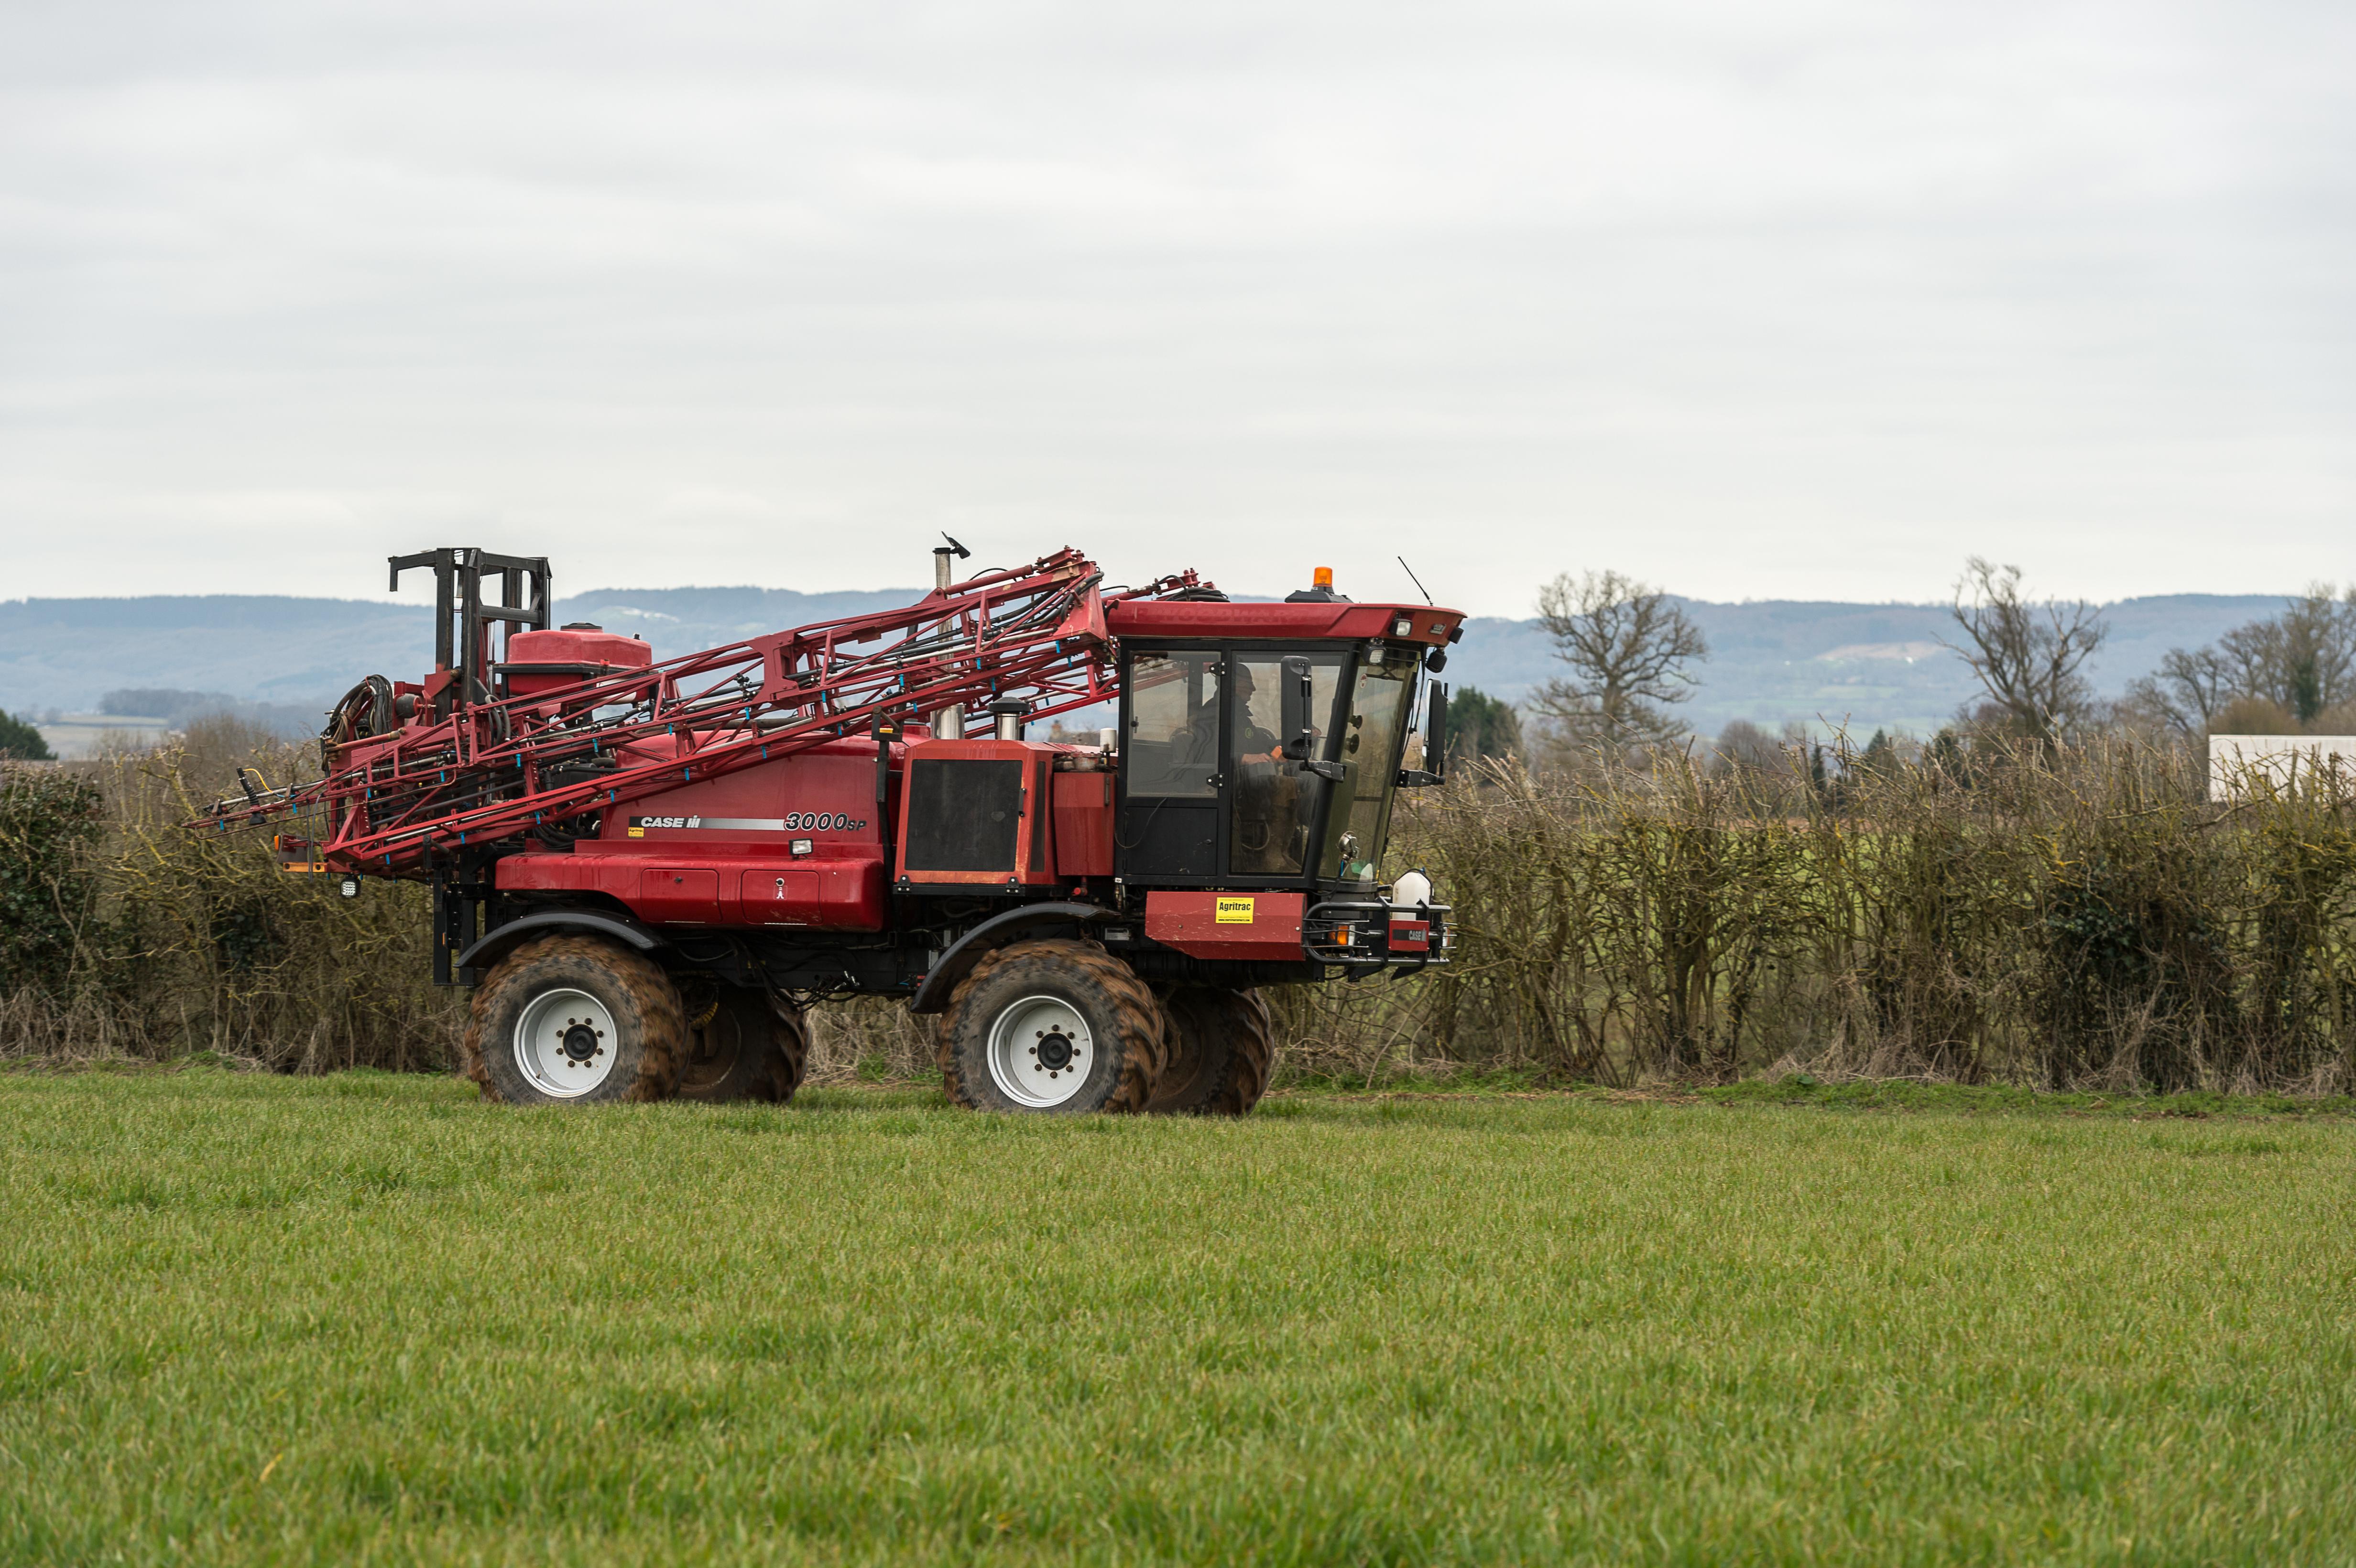 A crop sprayer at Richard Payne's farm